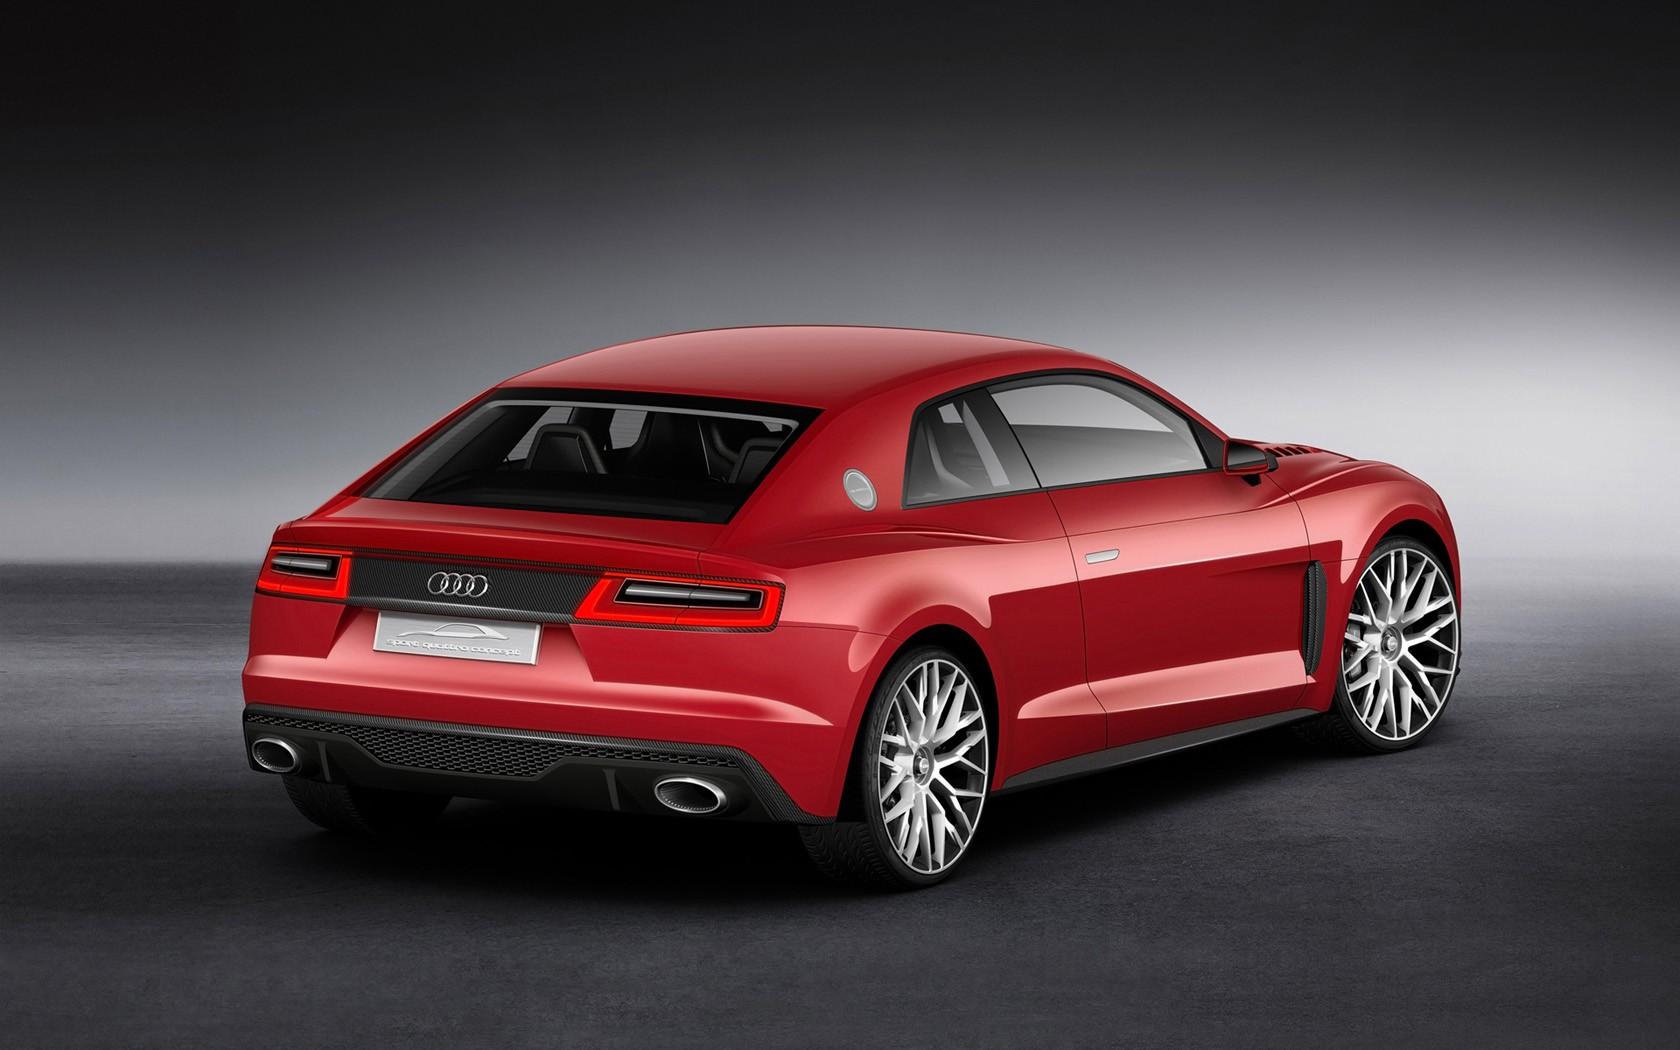 2014 Audi Sport quattro laserlight concept